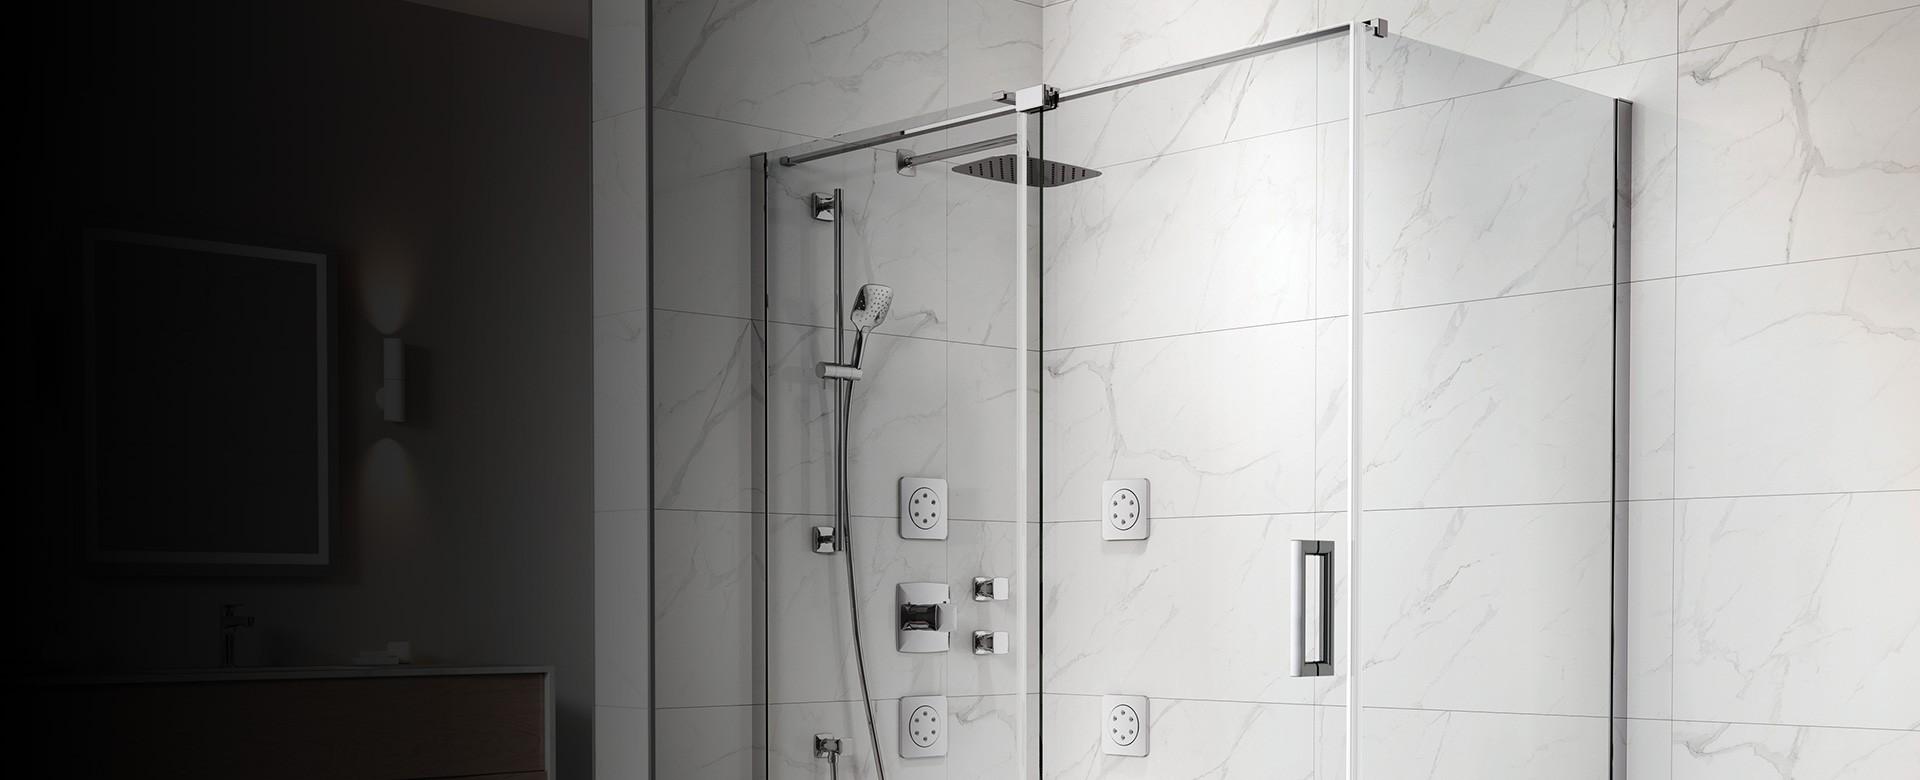 shower-door-distink